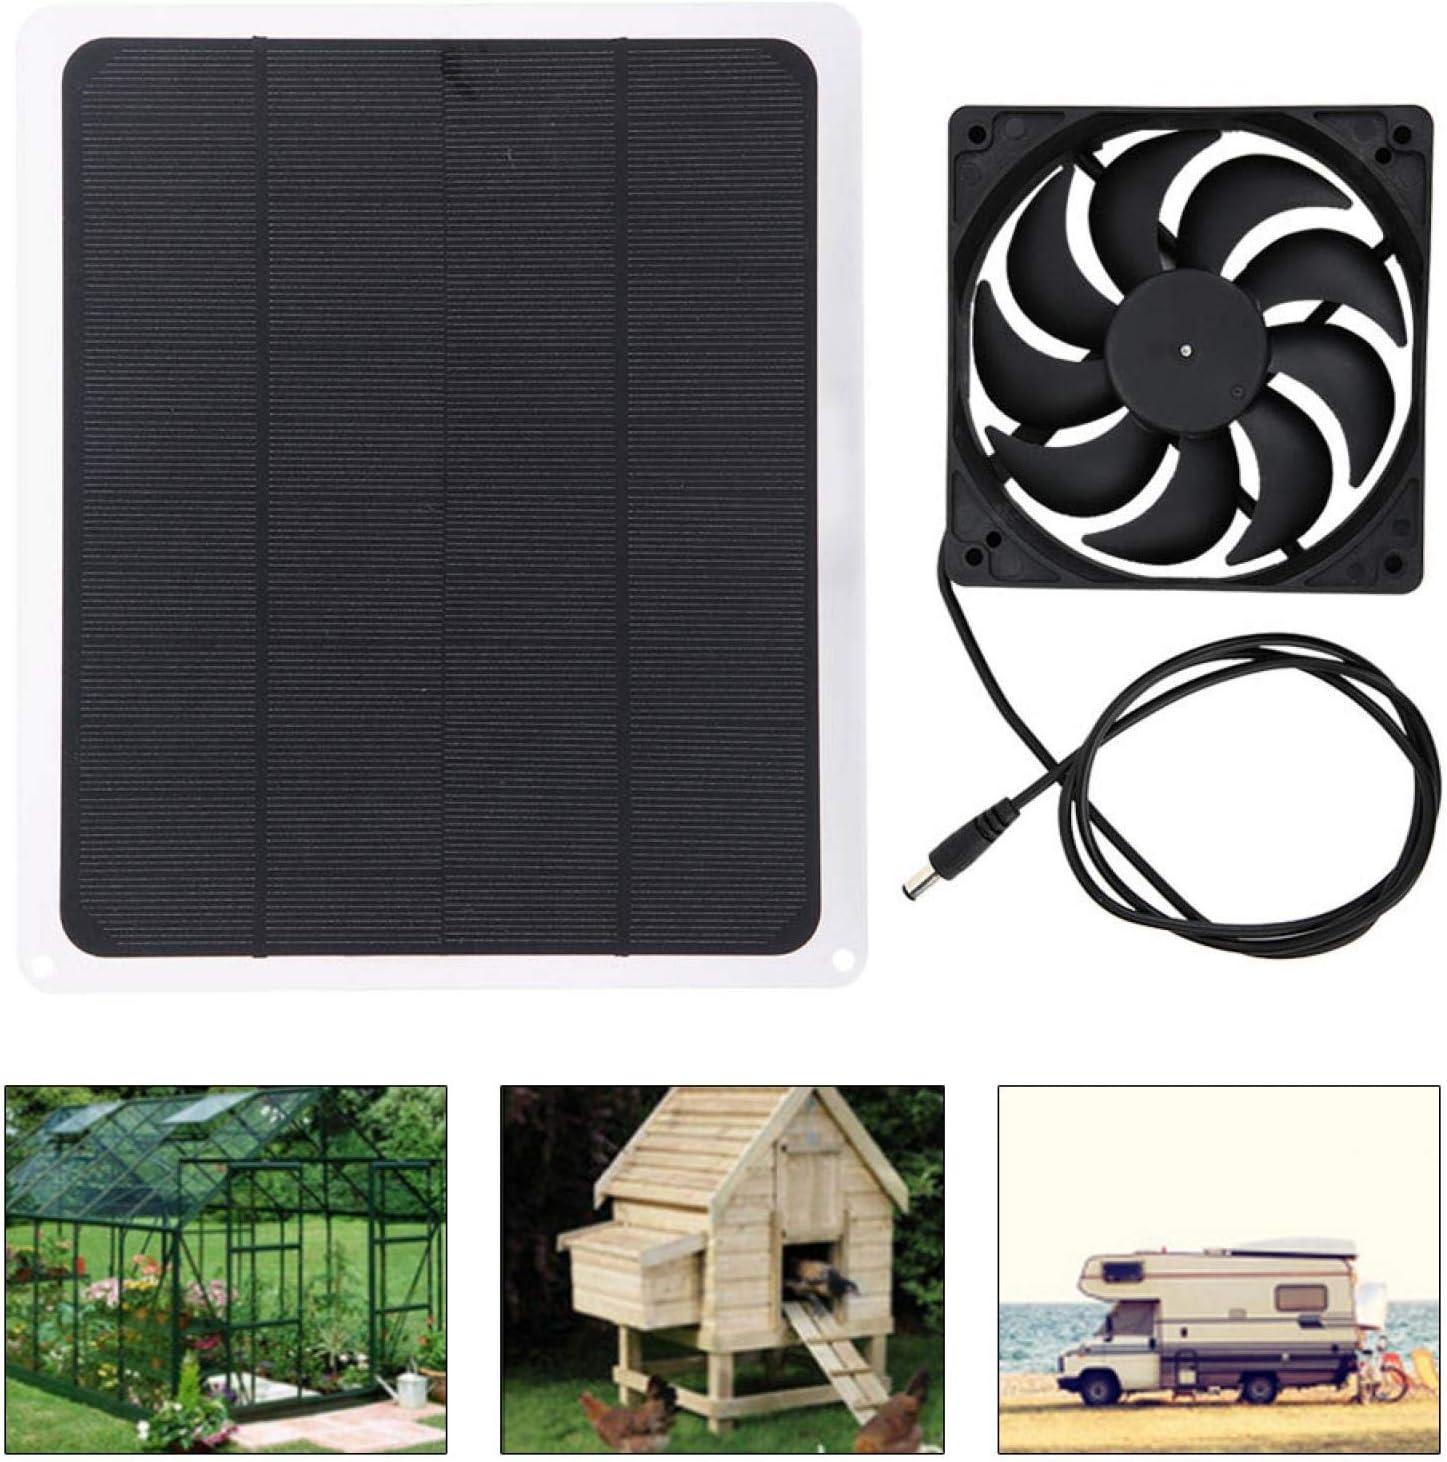 Solar Generation Board Multifunctional Durable Solar Panel Fan House for Greenhouse car Solar Panel Fan Set